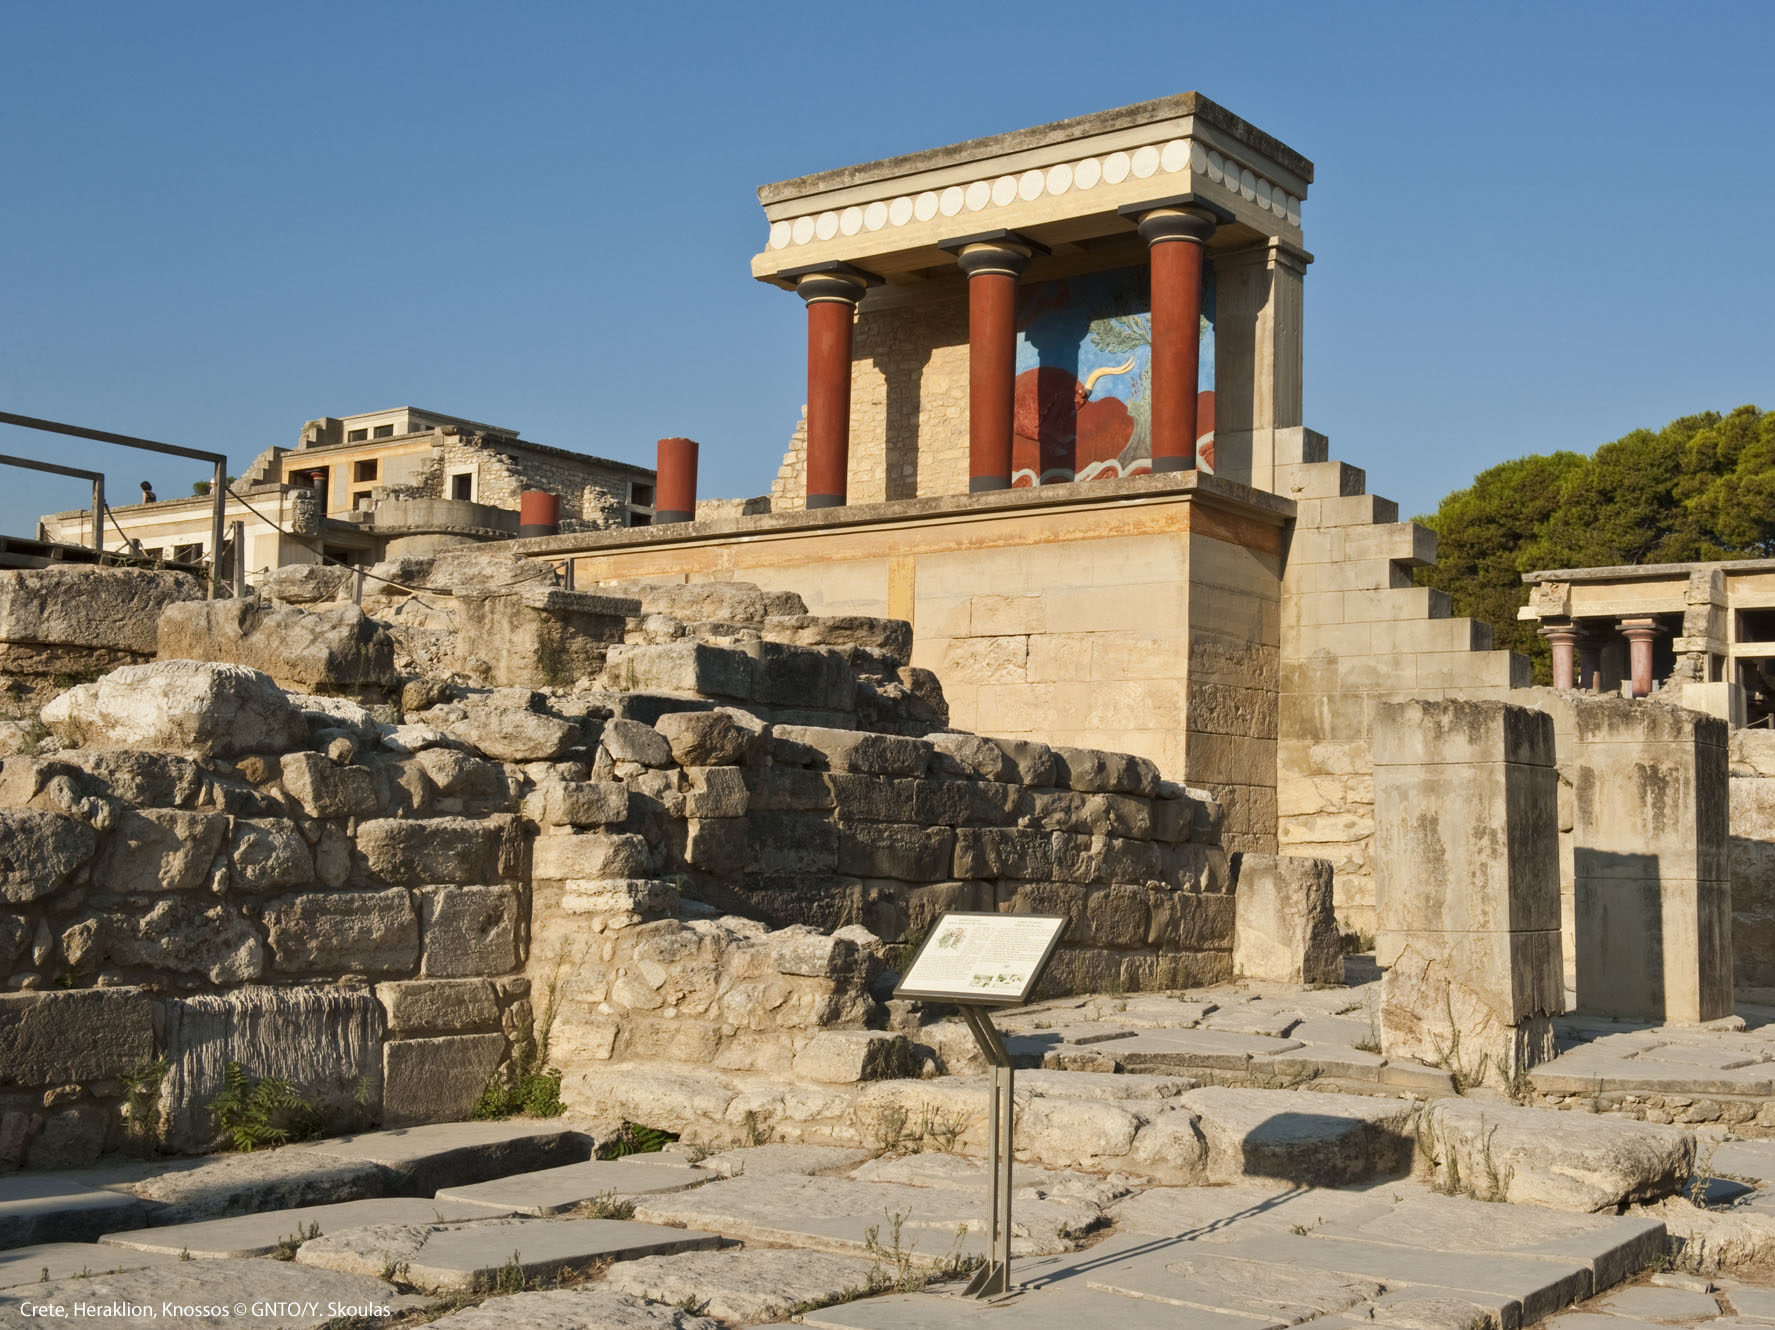 Crete_Heraklion_Knossos_8573_photo Y Skoulas